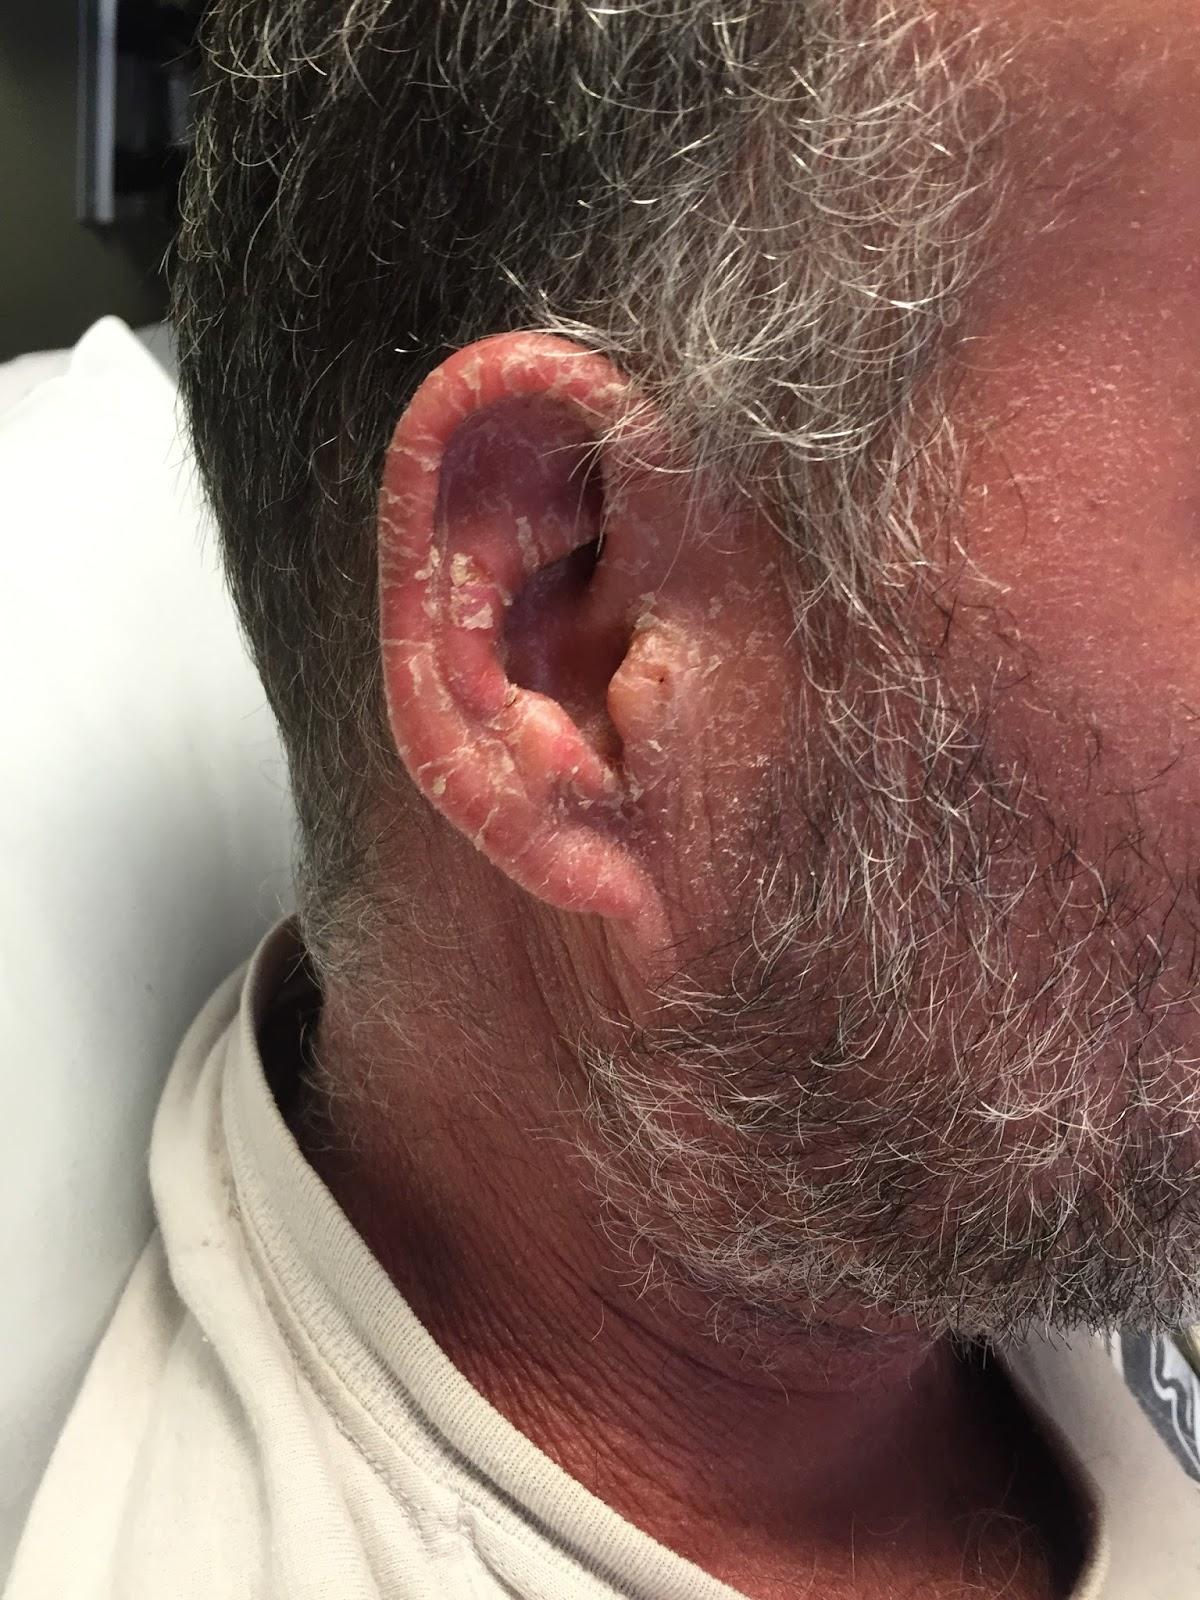 Cureus | Erythroderma: A Rare Complication of Dyshidrotic Eczema